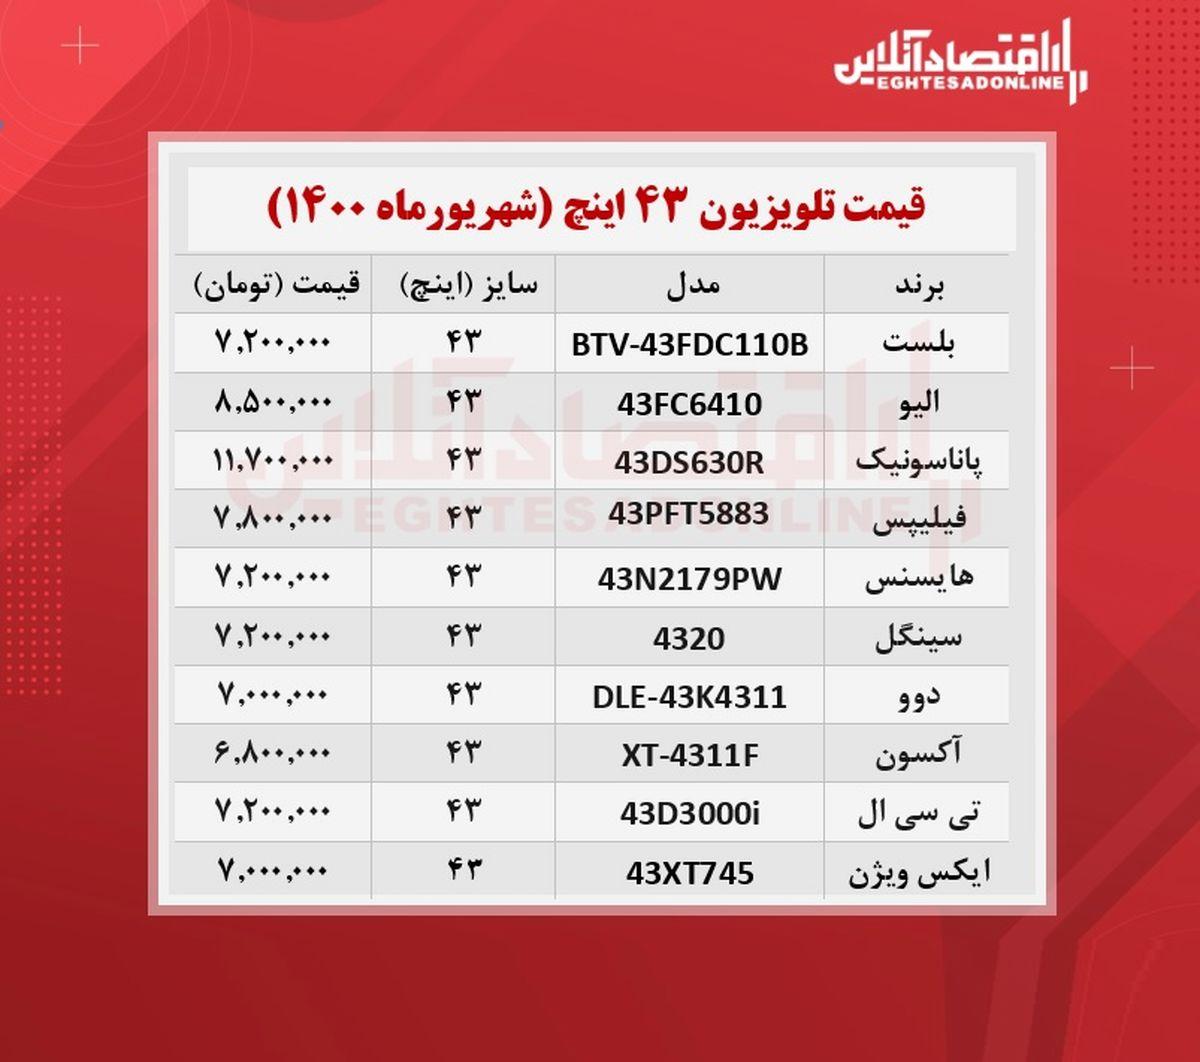 قیمت انواع تلویزیون های ۴۳اینچ + جدول